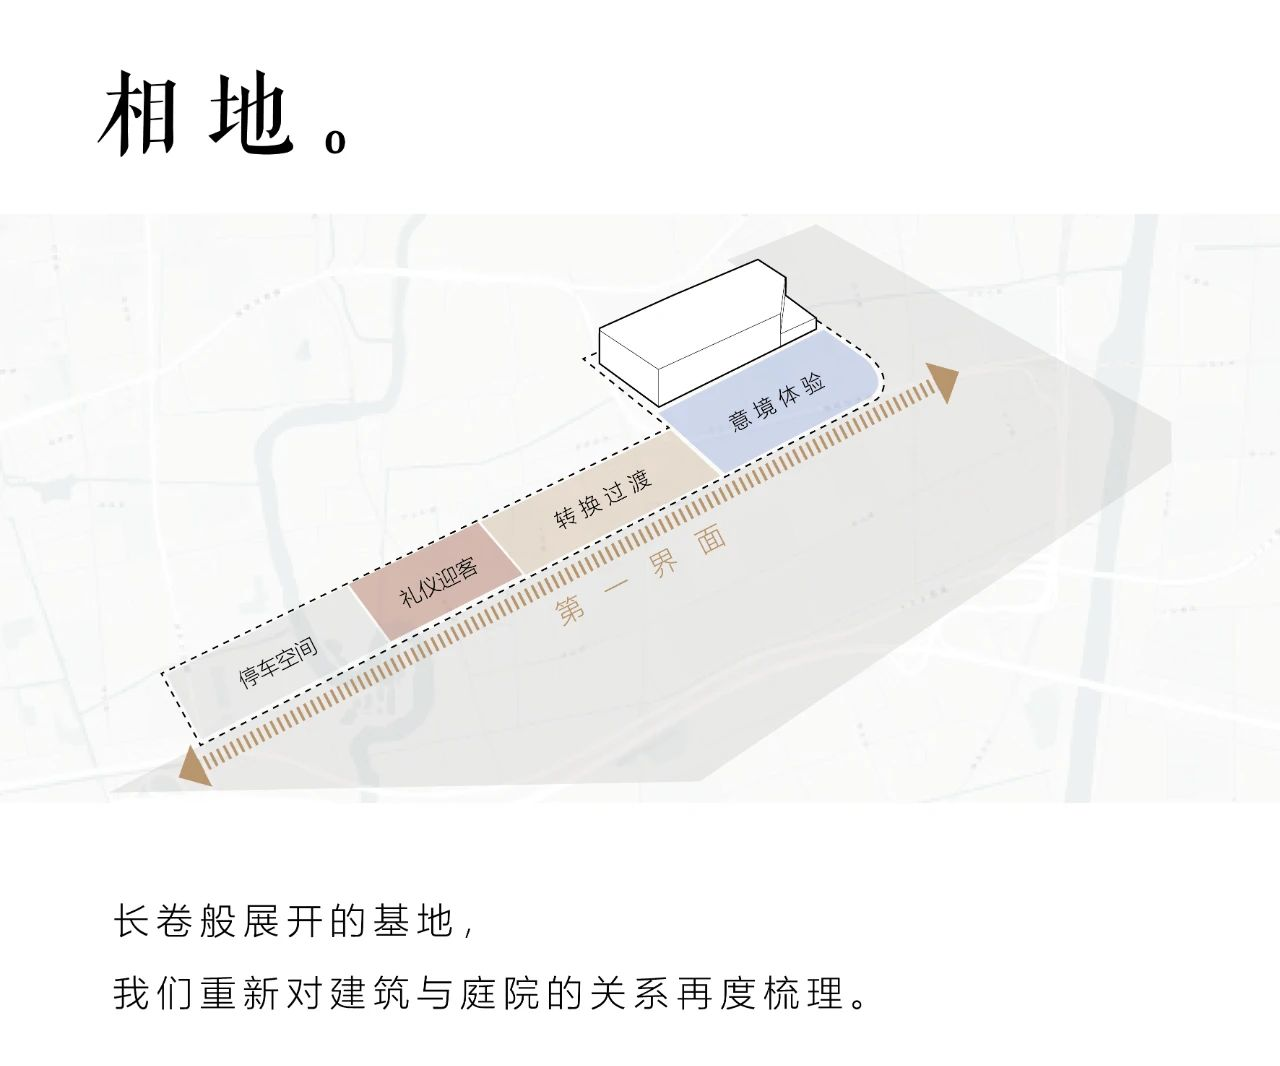 扬州卓越·晴翠 景观设计  /  山水比德